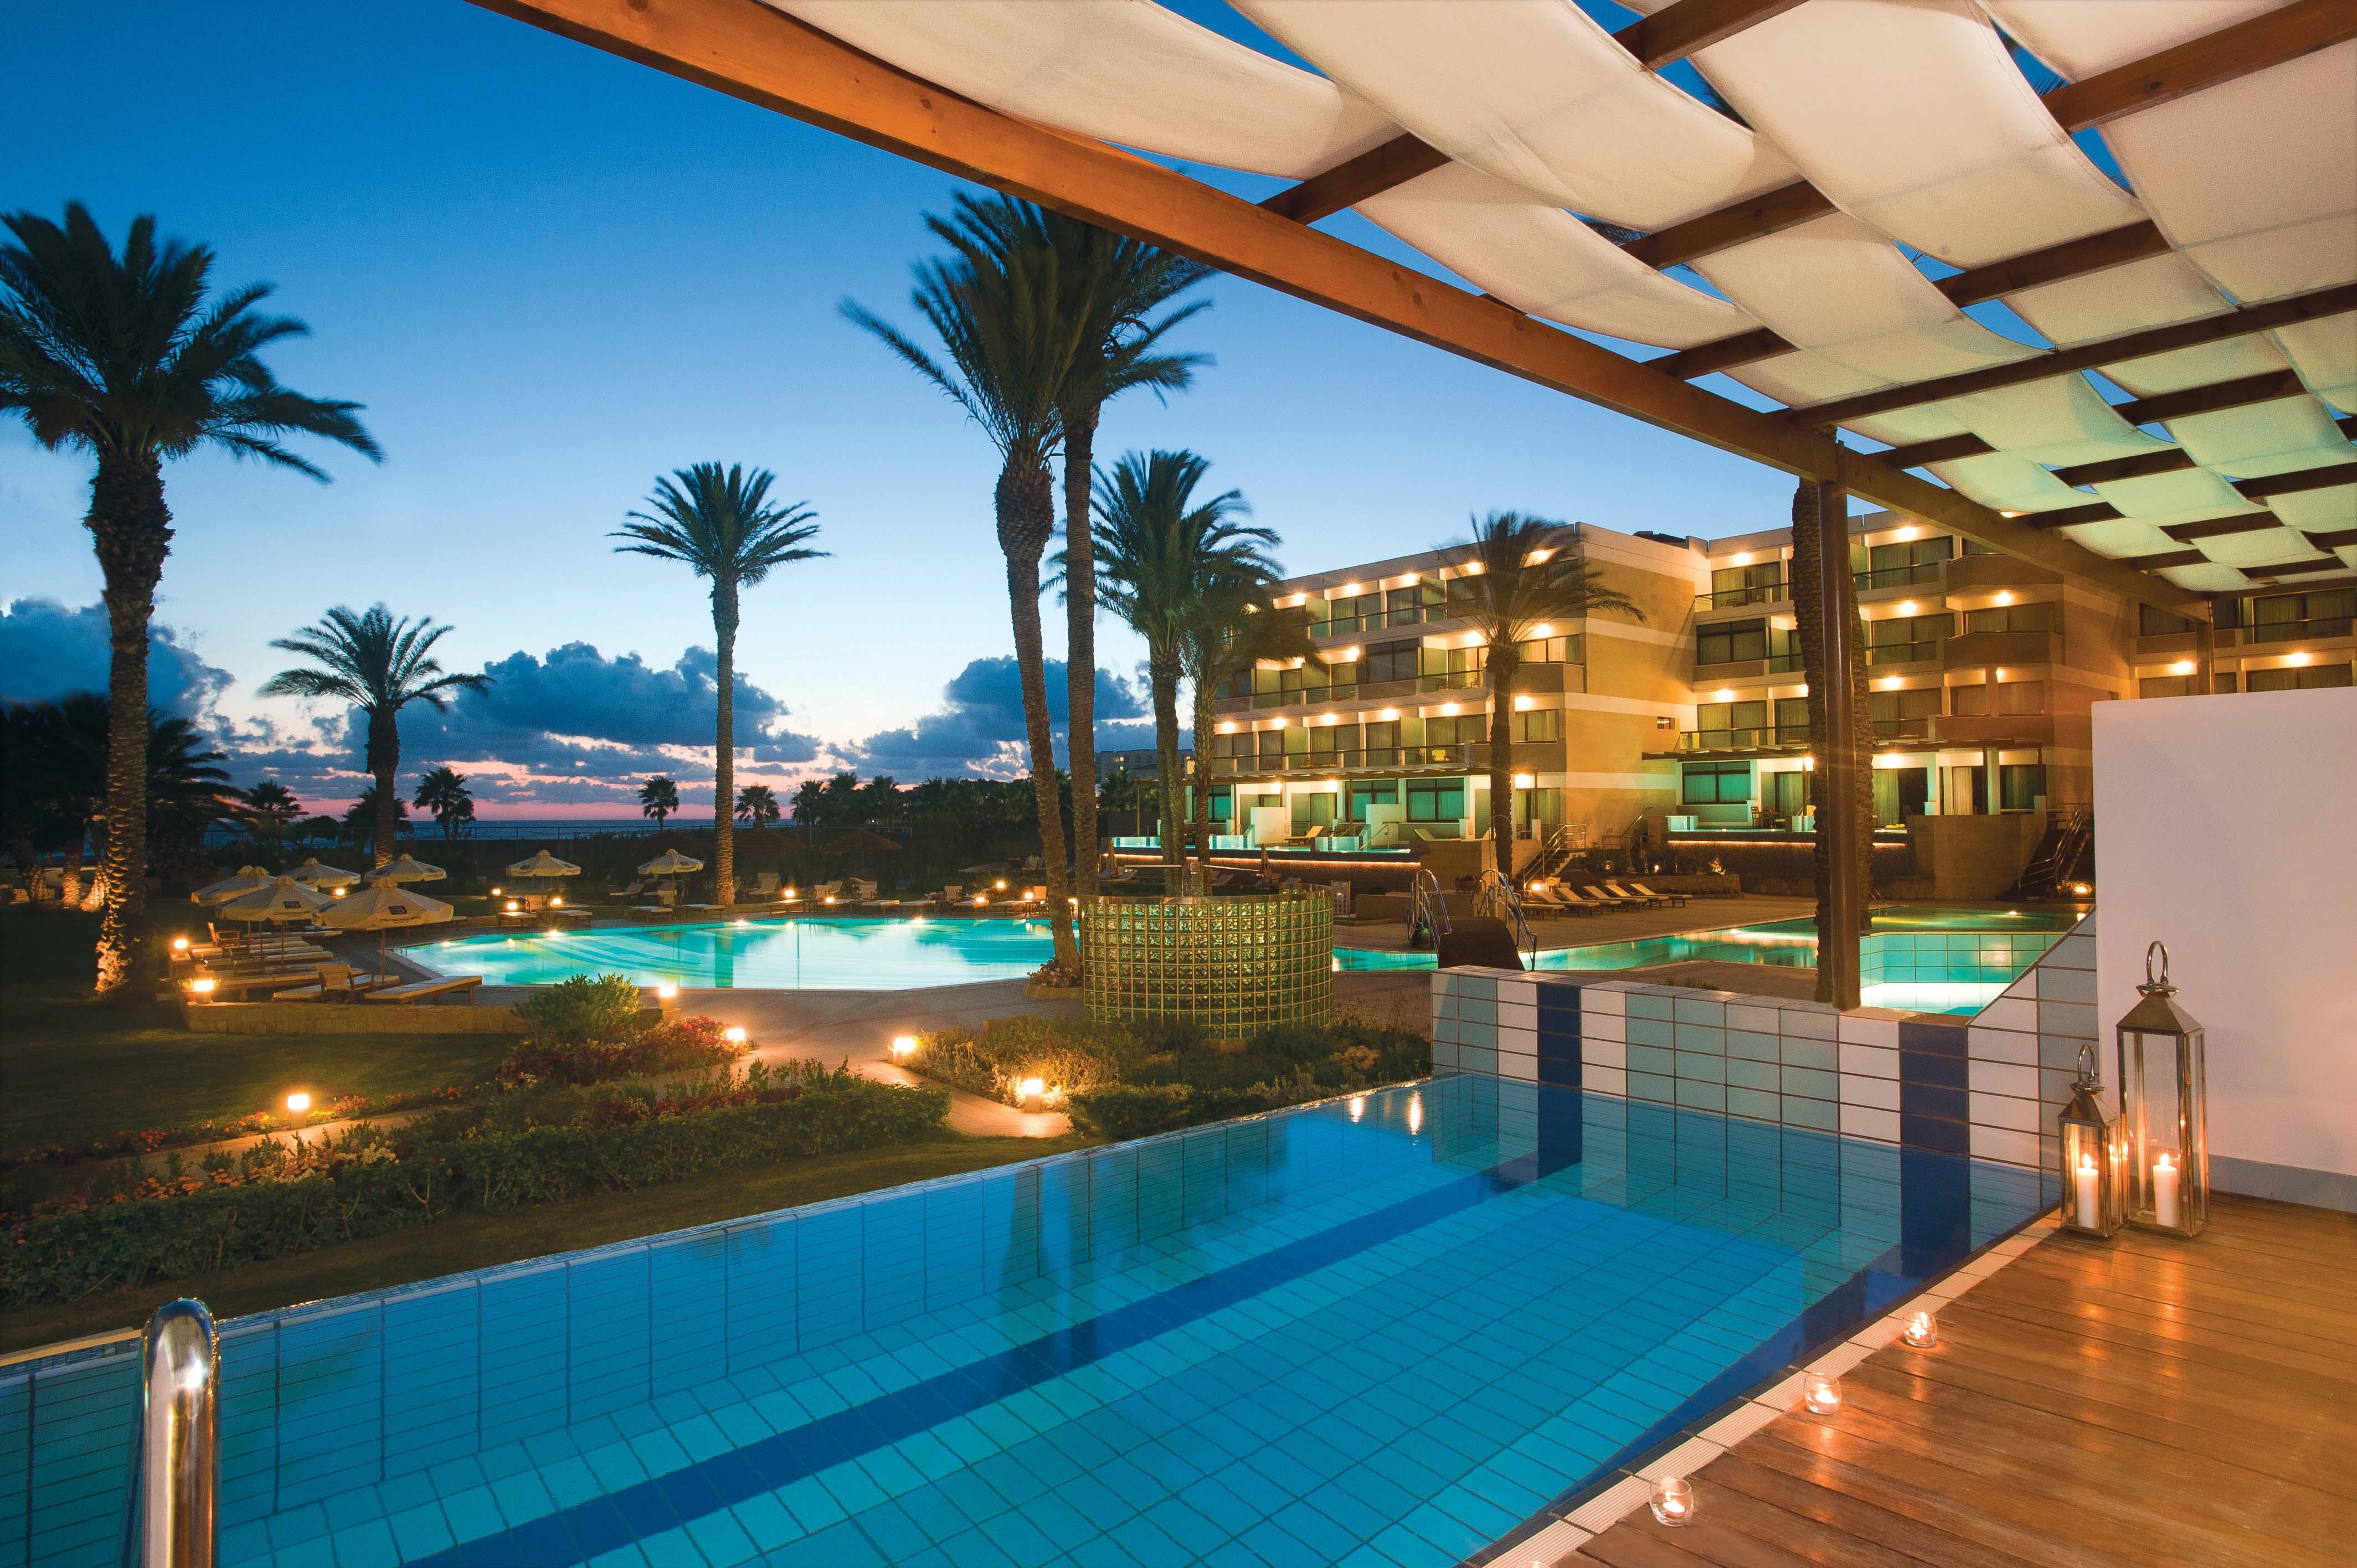 Chipre Hoteles Buscar y reservar barato Ofertas de hotel en Chipre